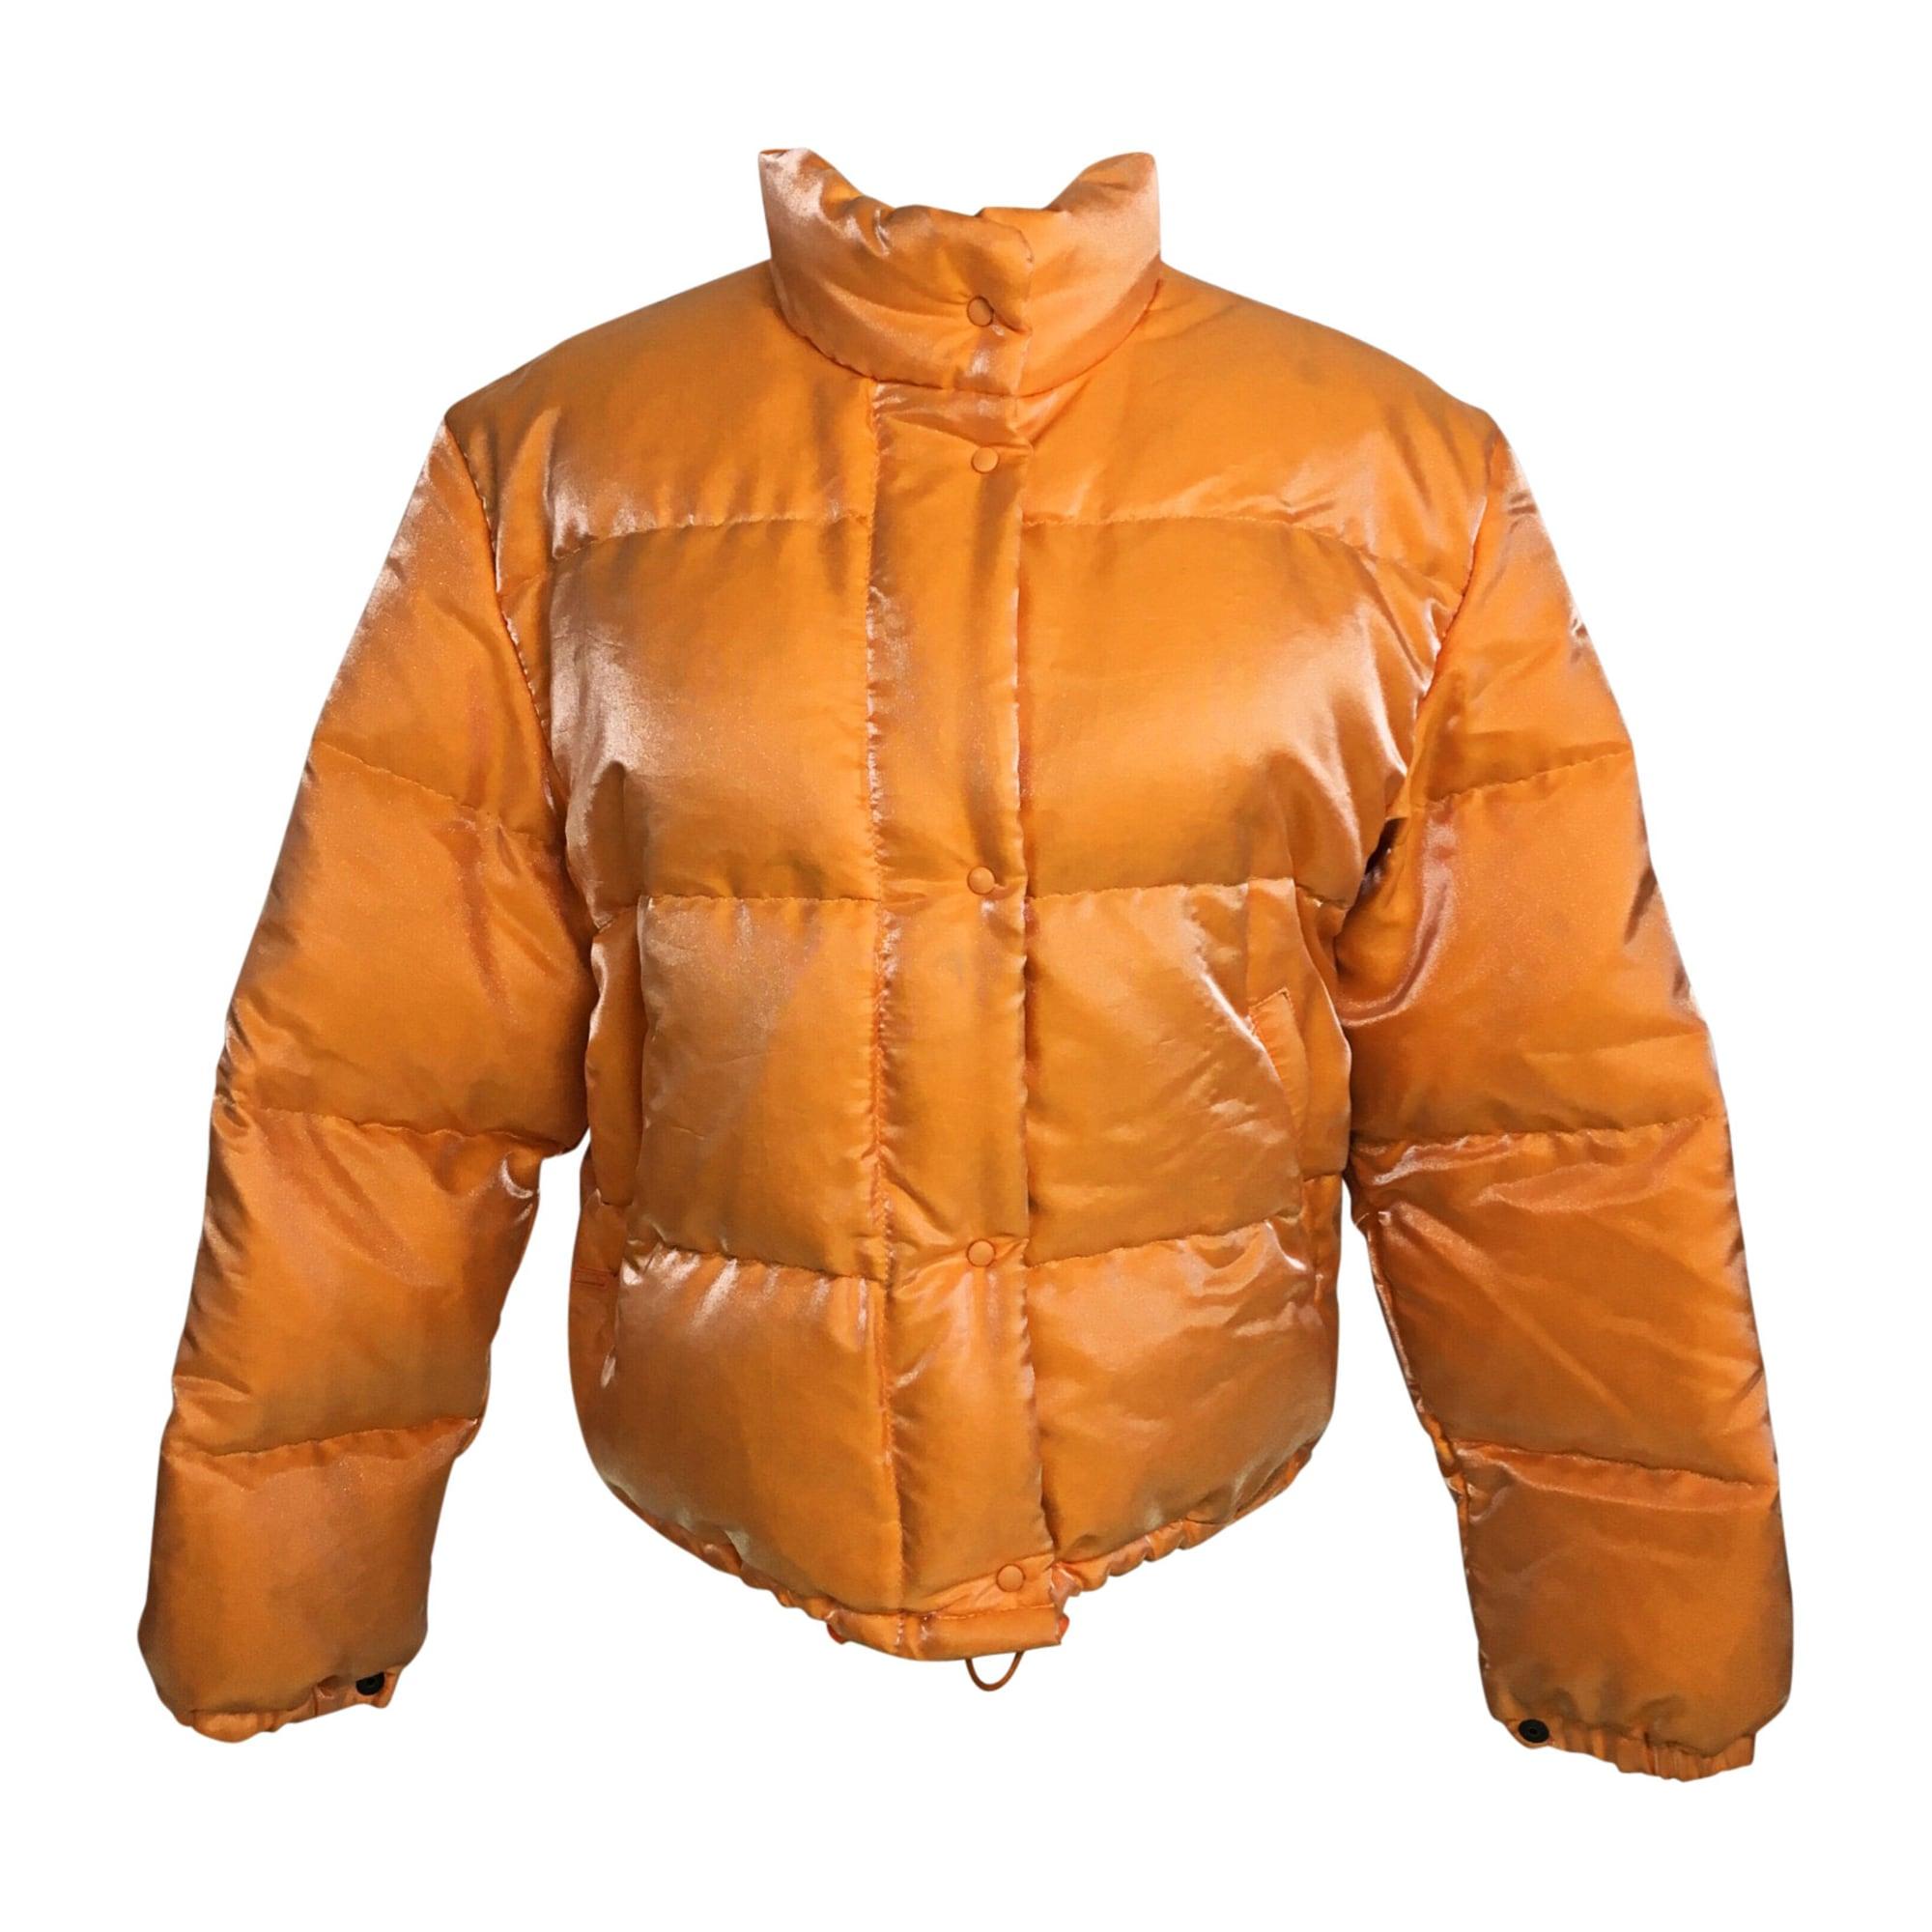 Doudoune MONCLER 36 (S, T1) orange - 8570922 d8eb4449783